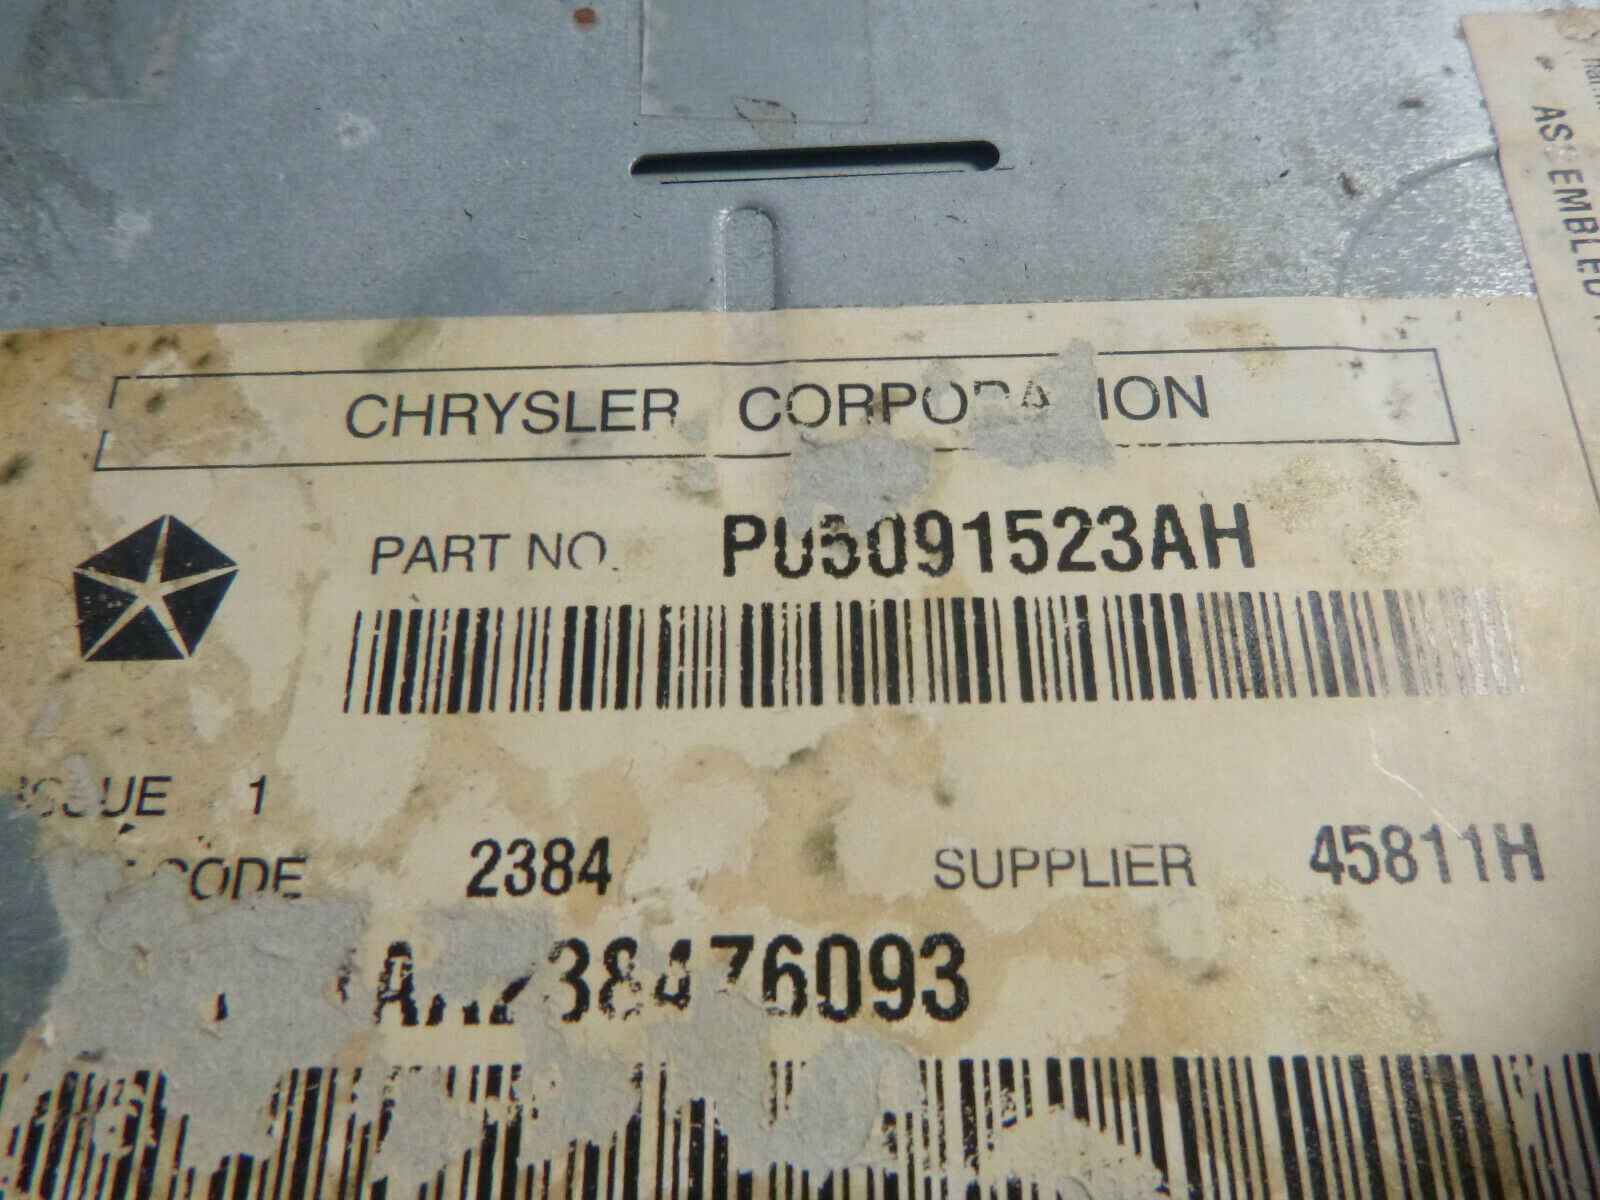 05-09 Chrysler Dodge RAK Radio 6 Disc Cd Mp3 Cassette Player P05091523AH RKV847 image 3